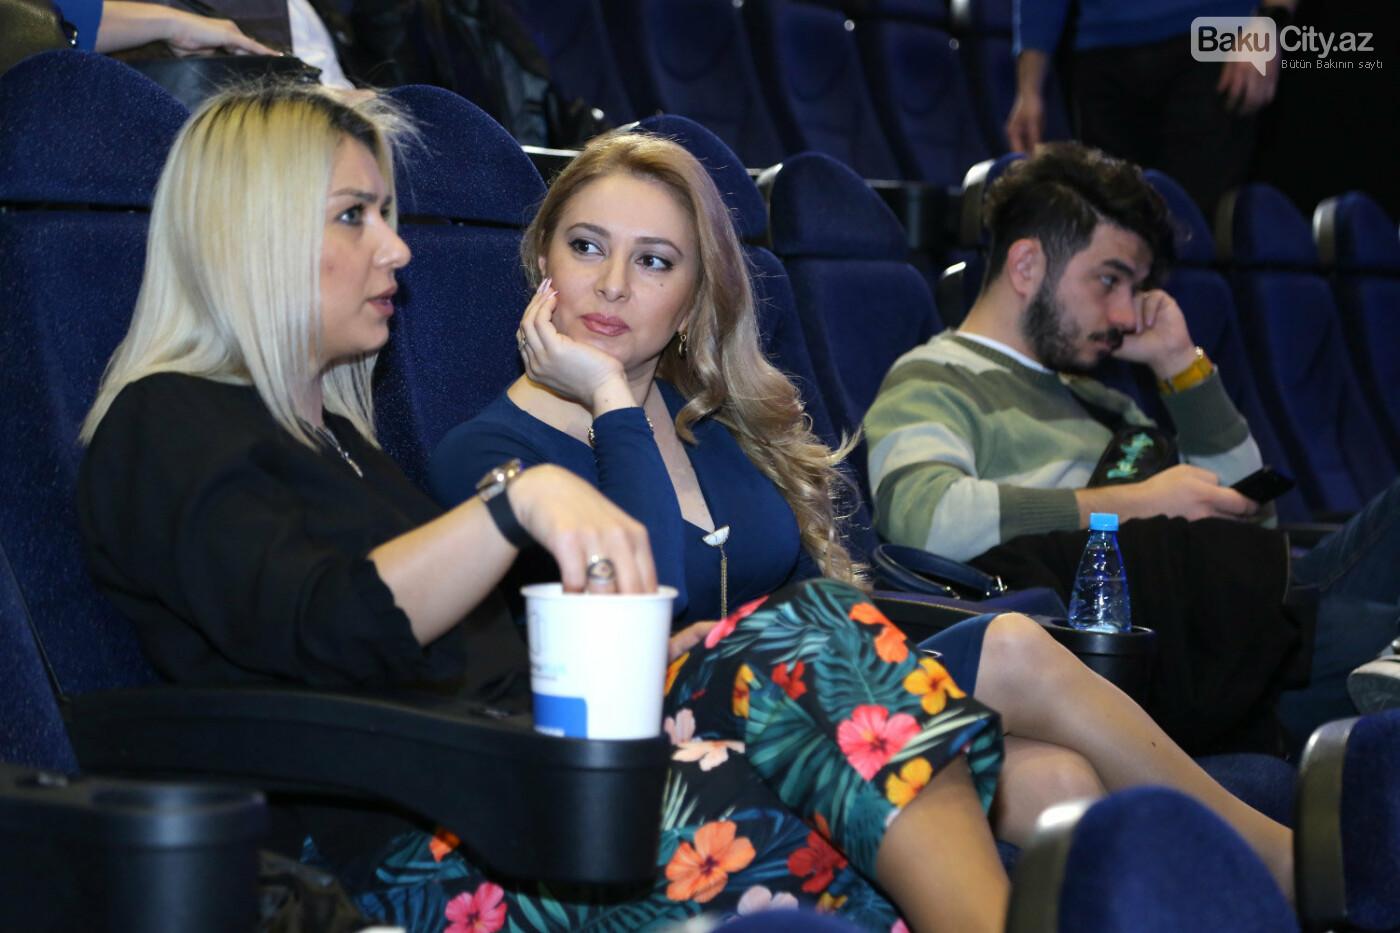 Amerikanın bu filmi Bakıda Azərbaycan dilində göstərilir - FOTO / VİDEO, fotoşəkil-13